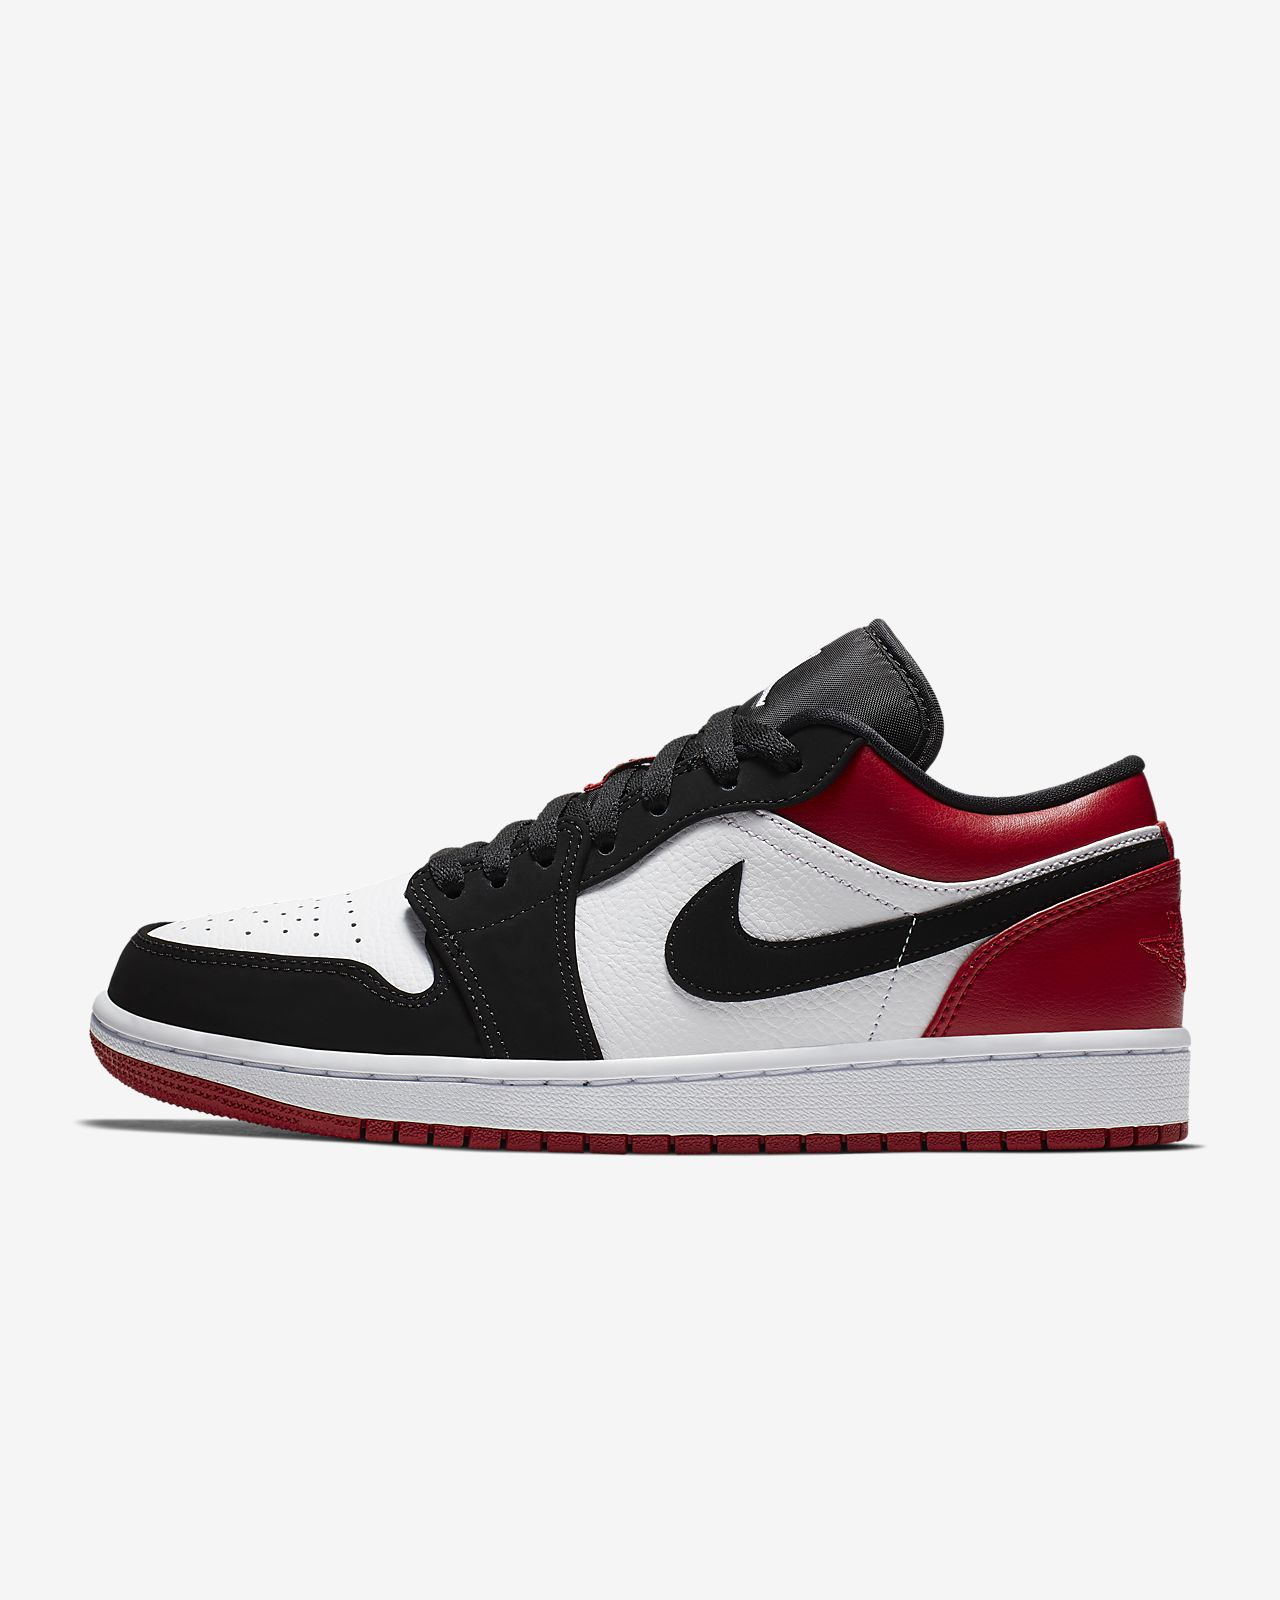 acheter populaire 02fe6 5445c Chaussure Air Jordan 1 Low pour Homme